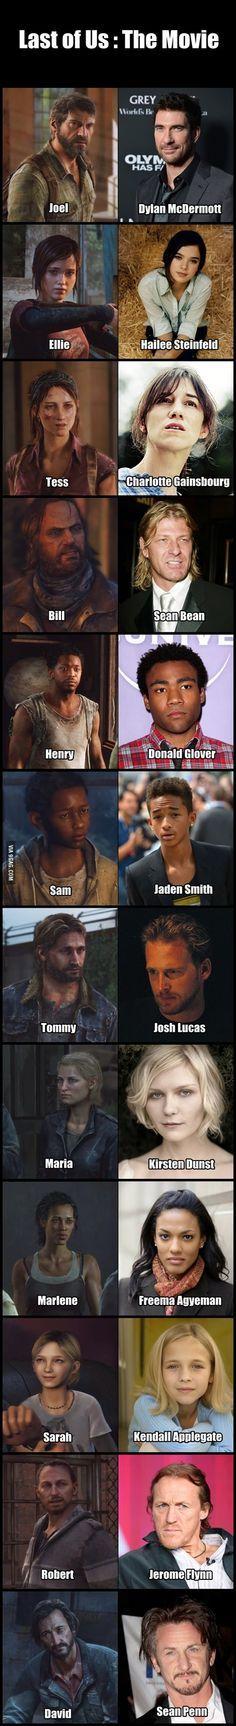 Um elenco perfeito (em termos visuais) para compor o filme baseado em The Last of Us. #apogeudoabismo